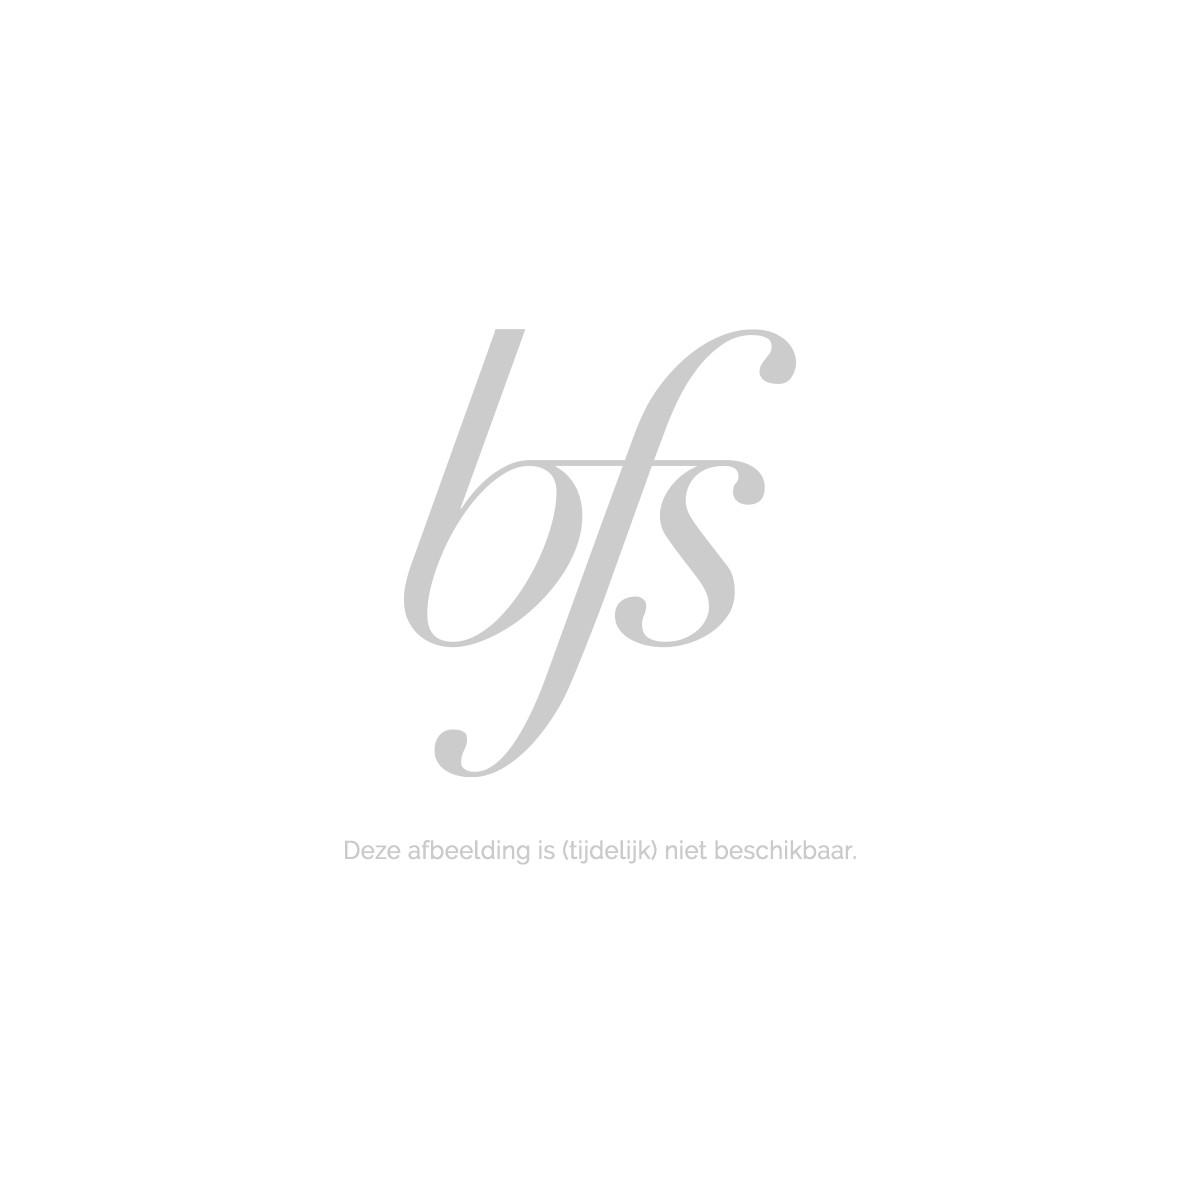 Balm Balm Perfume Ylang Ylang 33Ml